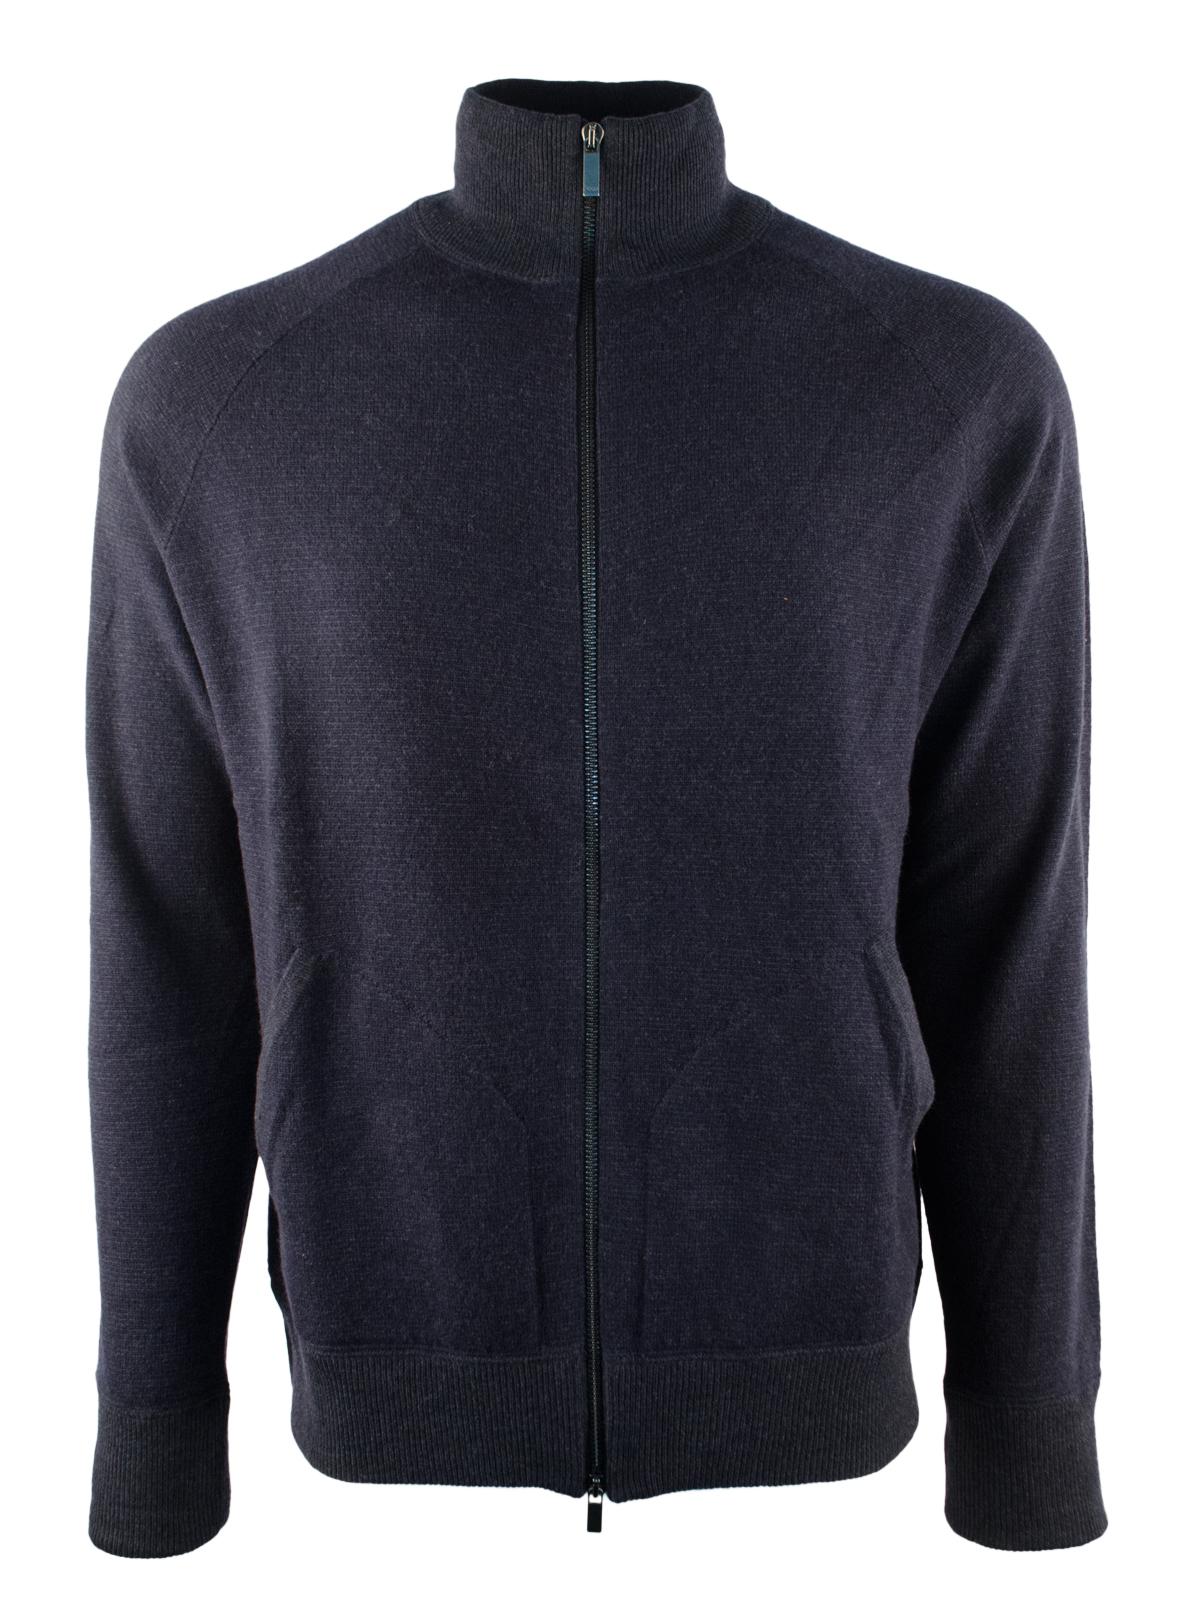 Merino Wool Full Zip Sweater